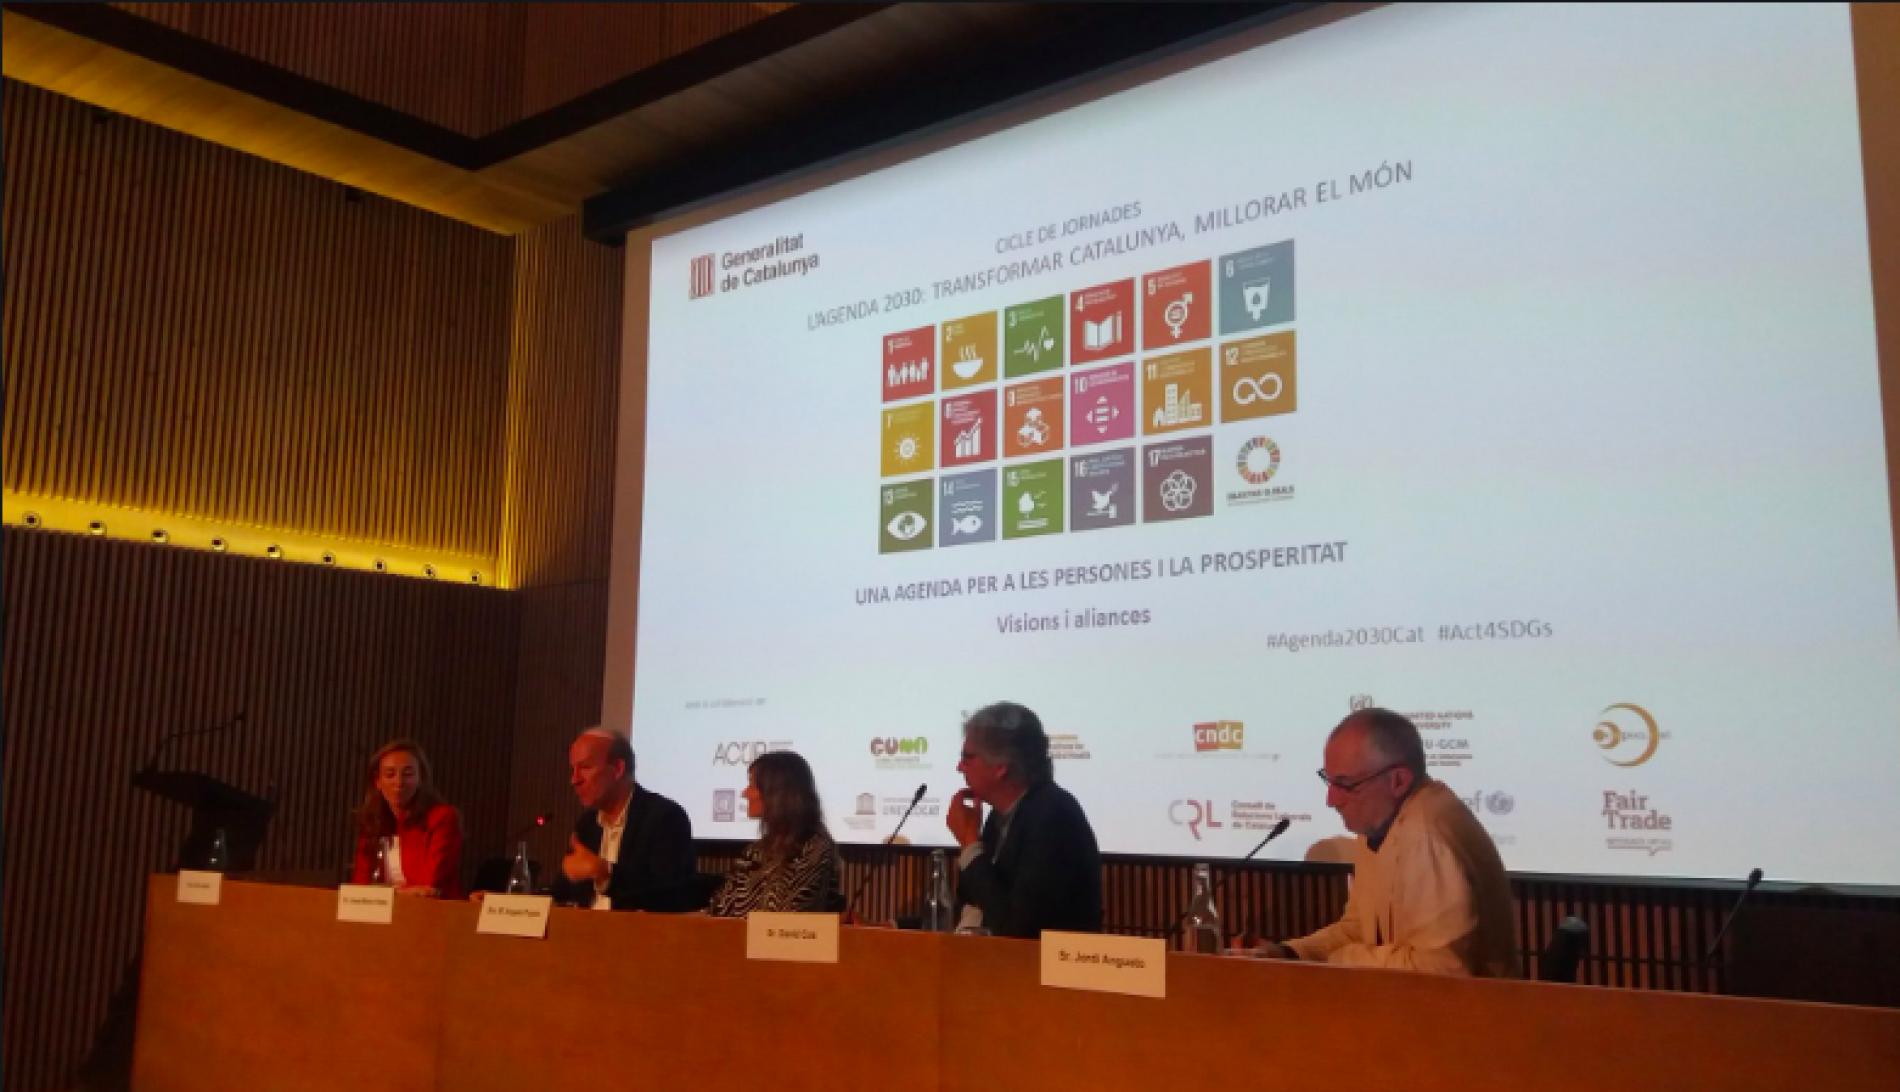 David Cos sobre els ODS: Calcular l'impacte empresarial és fonamental. Cal saber qui aporta valor i qui en resta. Qui no fa res, resta.